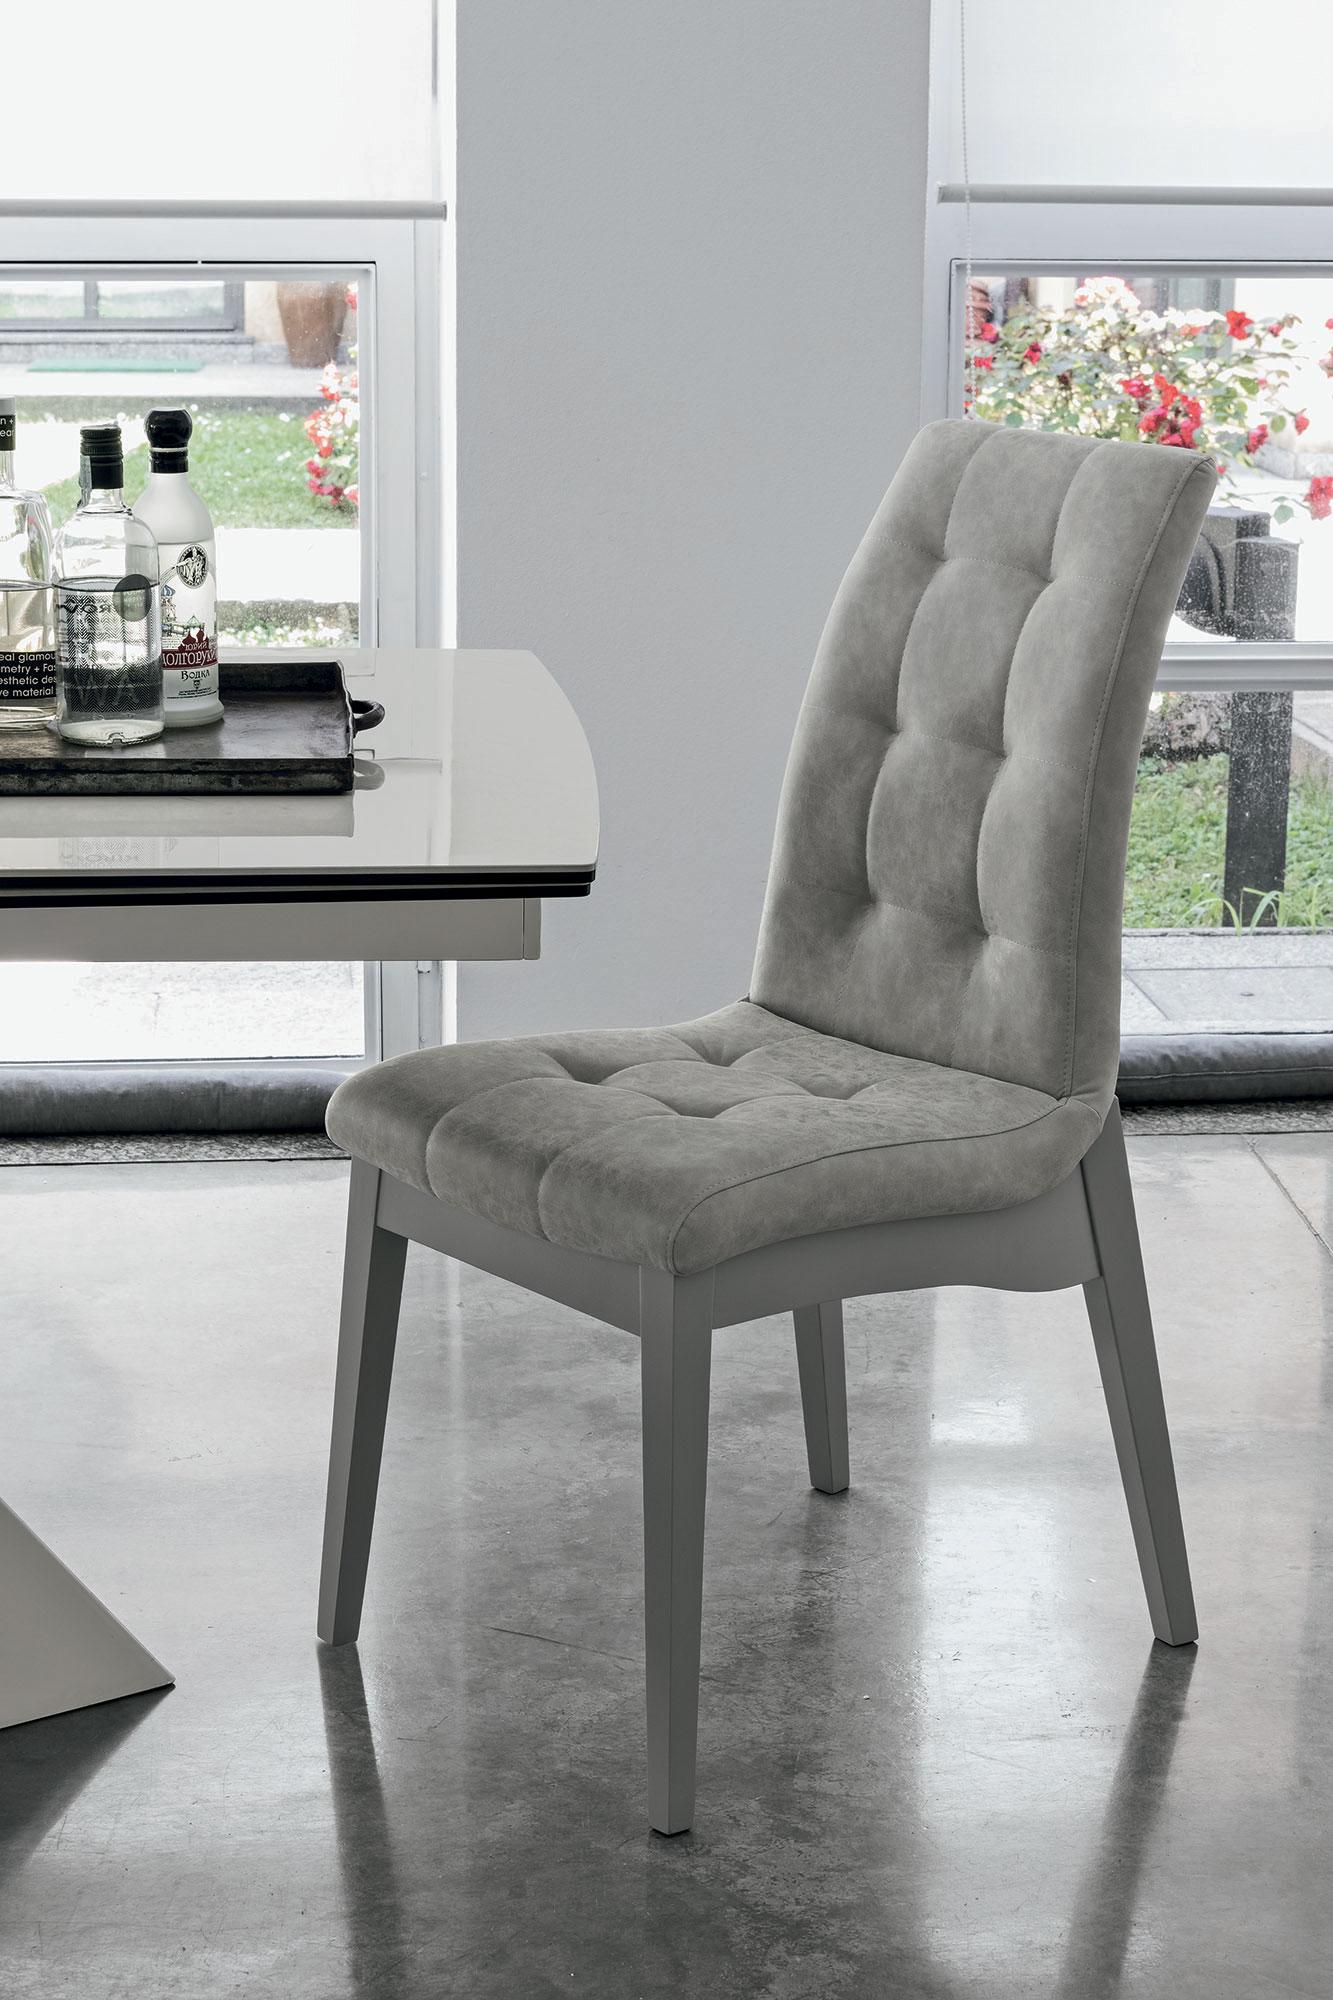 Bottoni archivi insedia sedie tavoli e materassi for Vendita sedie online economiche